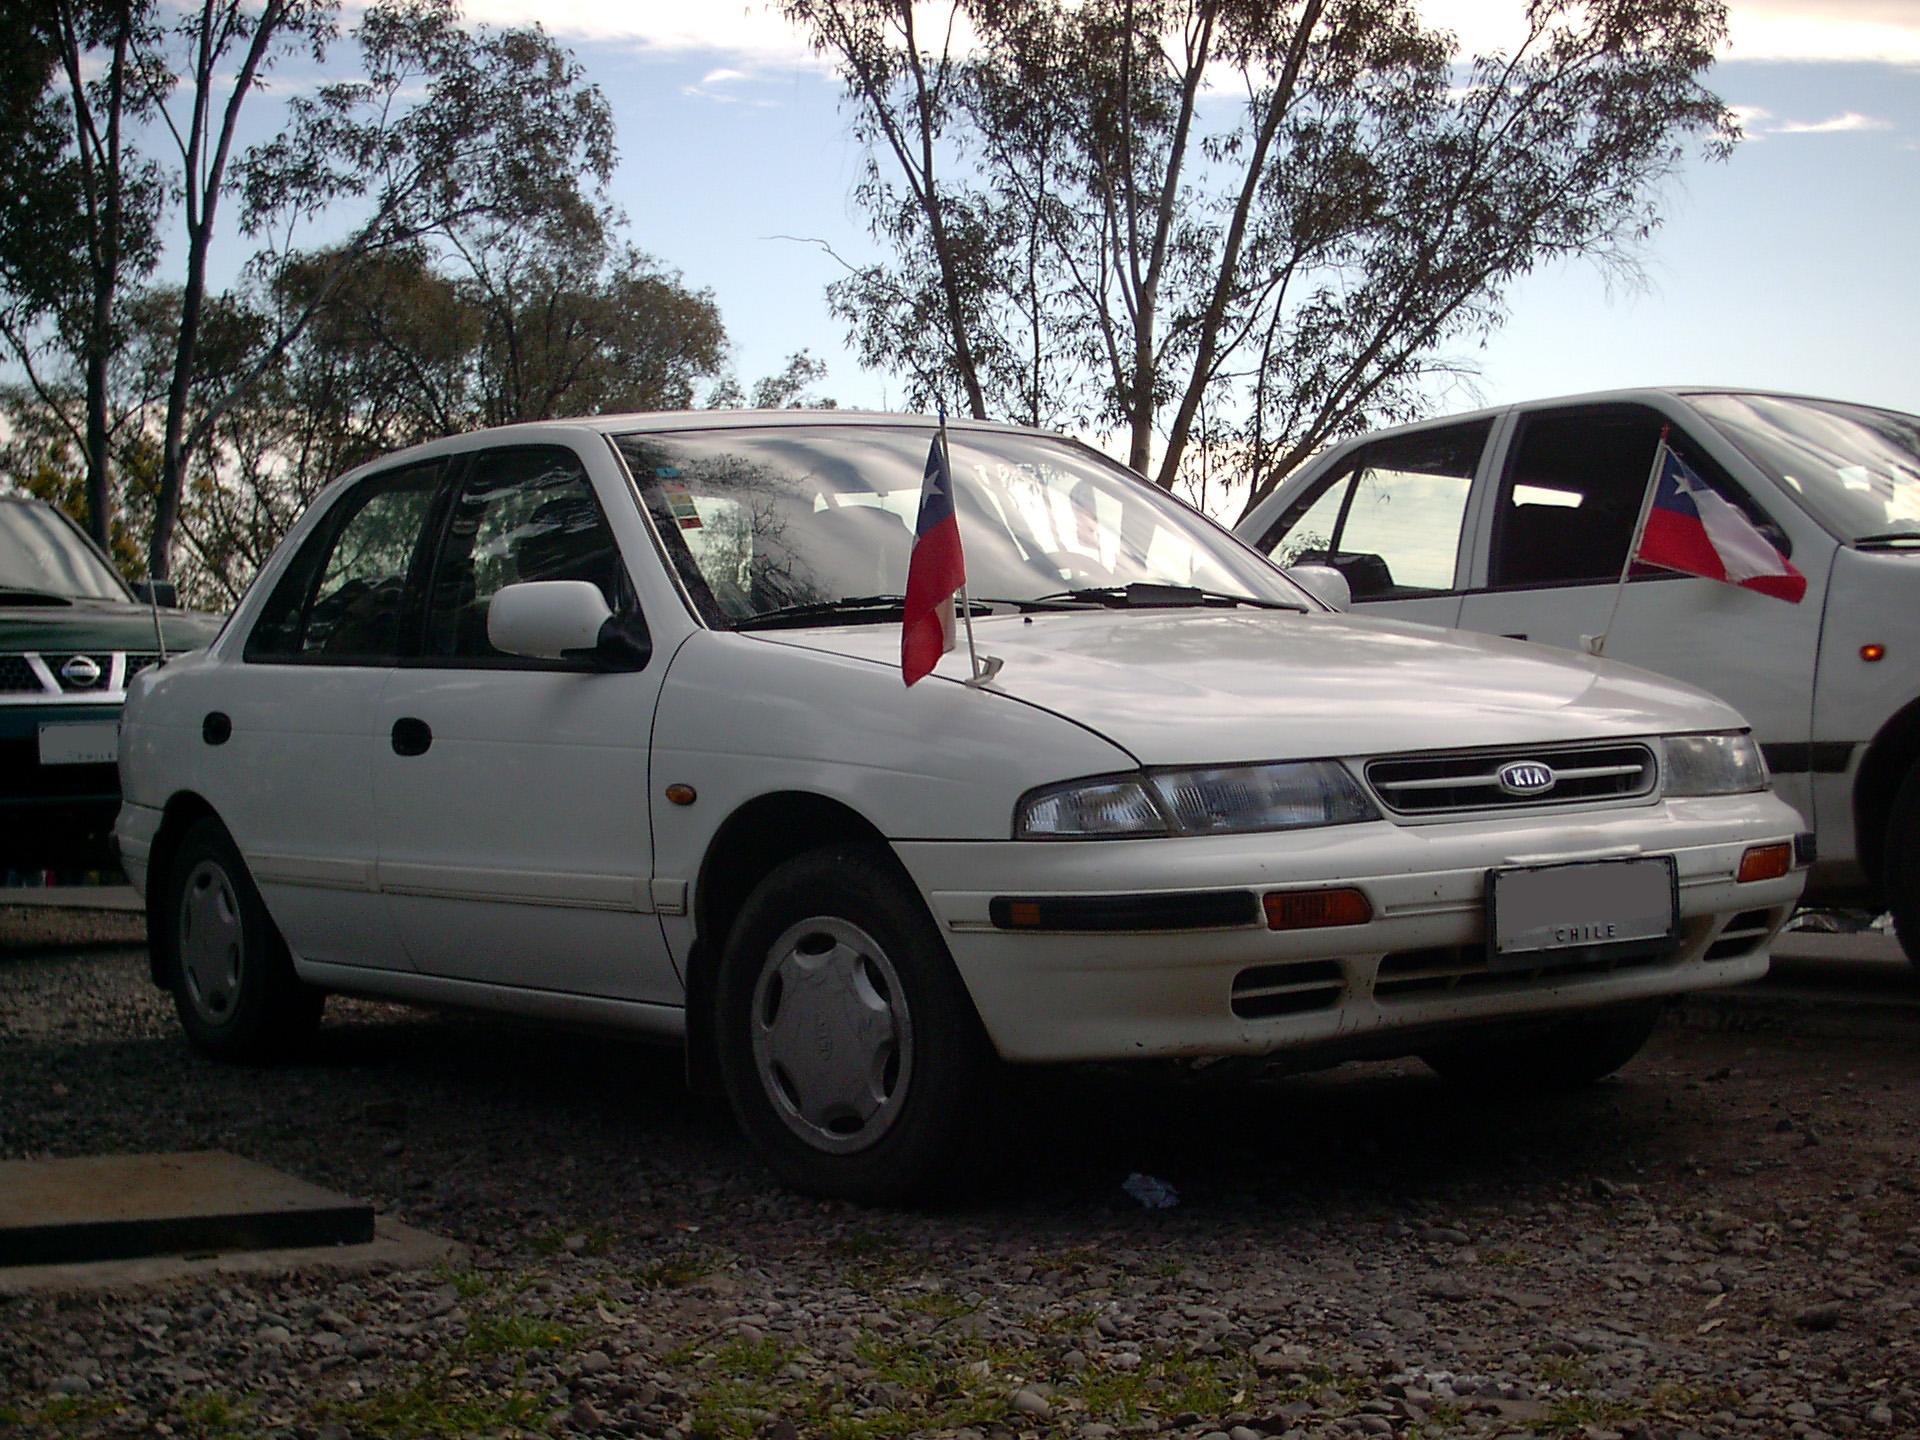 1995 kia sephia gs 1995 5 sedan 1 6l manual rh carspecs us 1998 Kia Sephia 2000 Kia Sephia